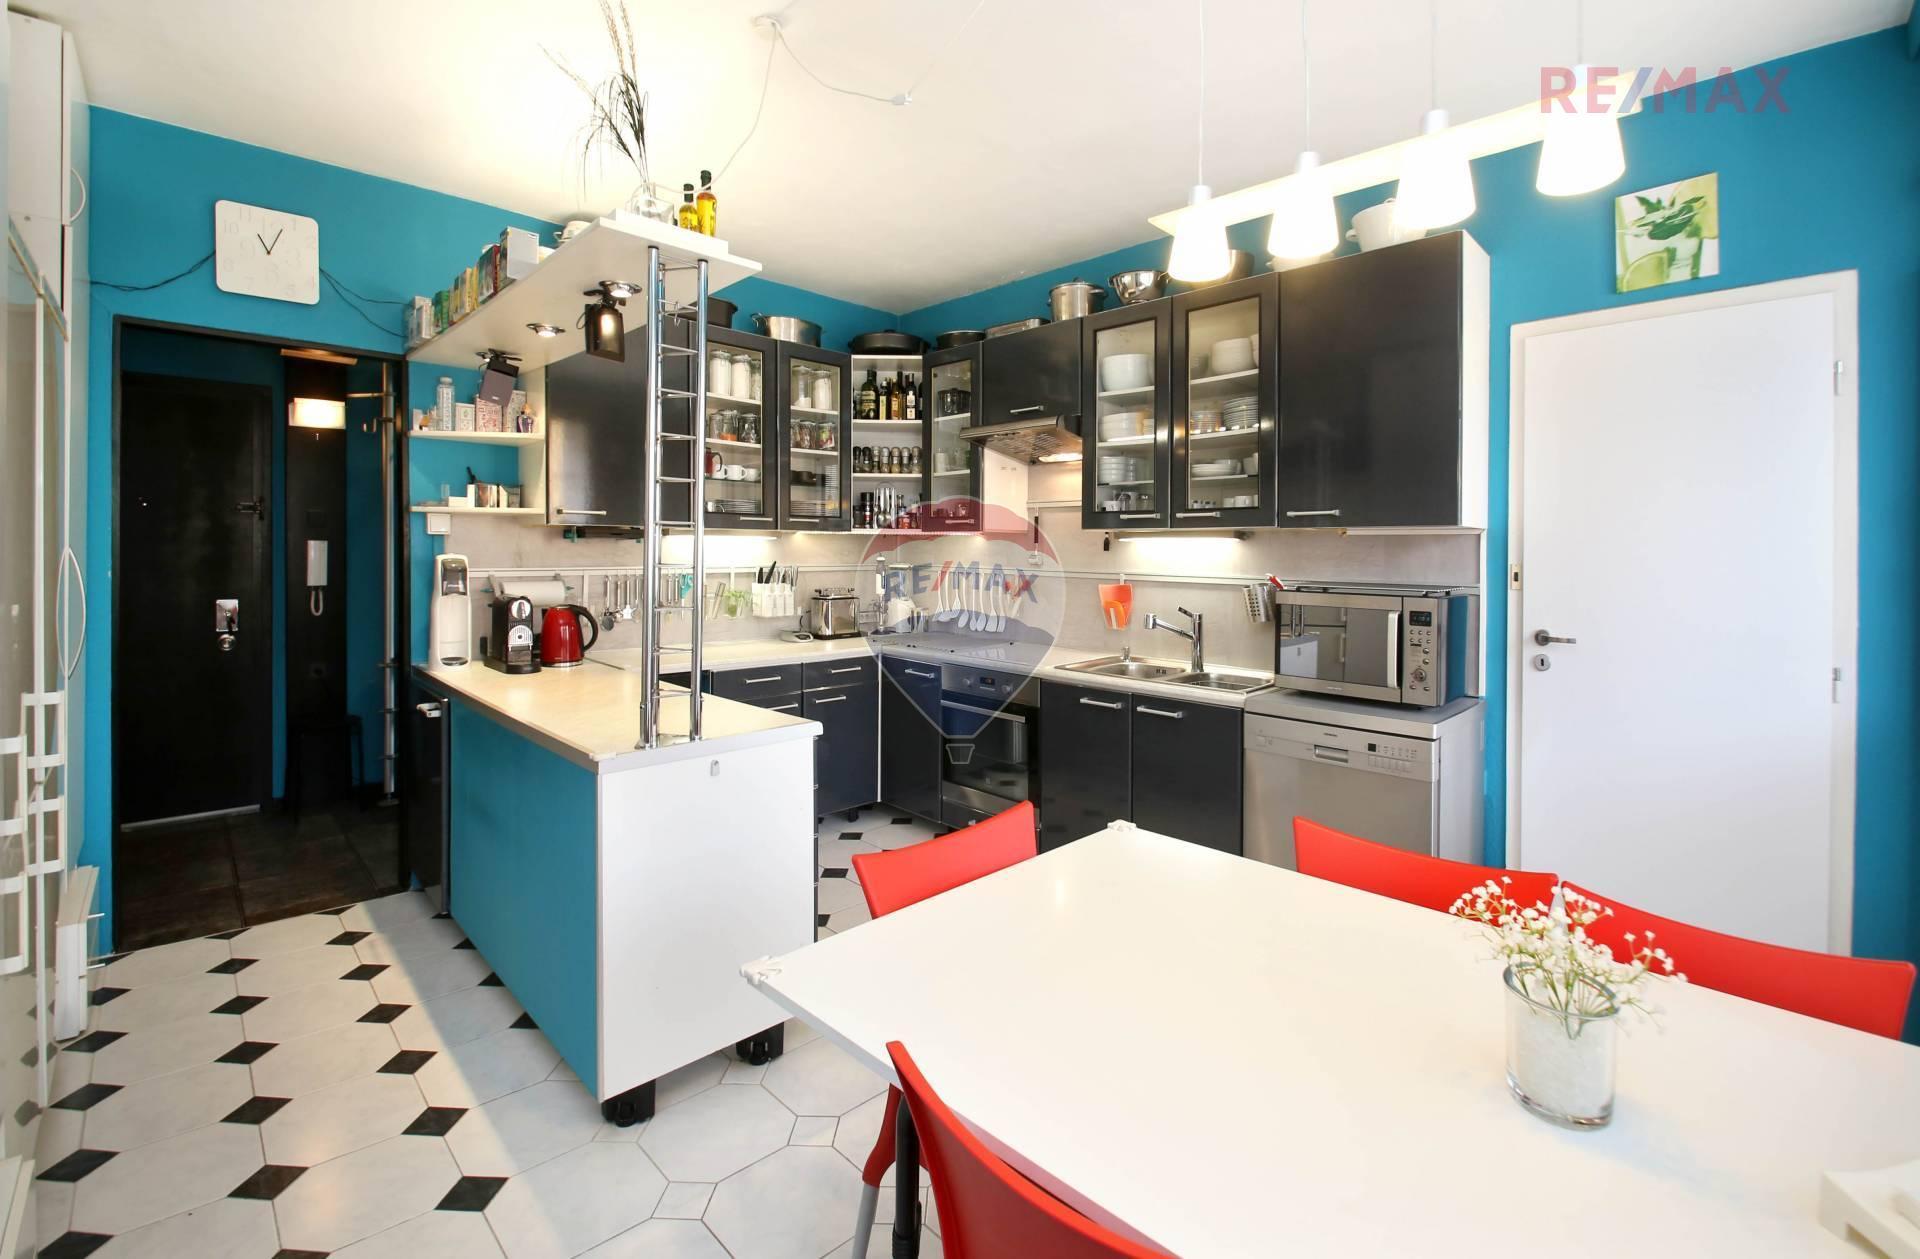 Prodej bytu 7+1 se dvěma lodžiemi a dvěma sklepy - Voskovcova